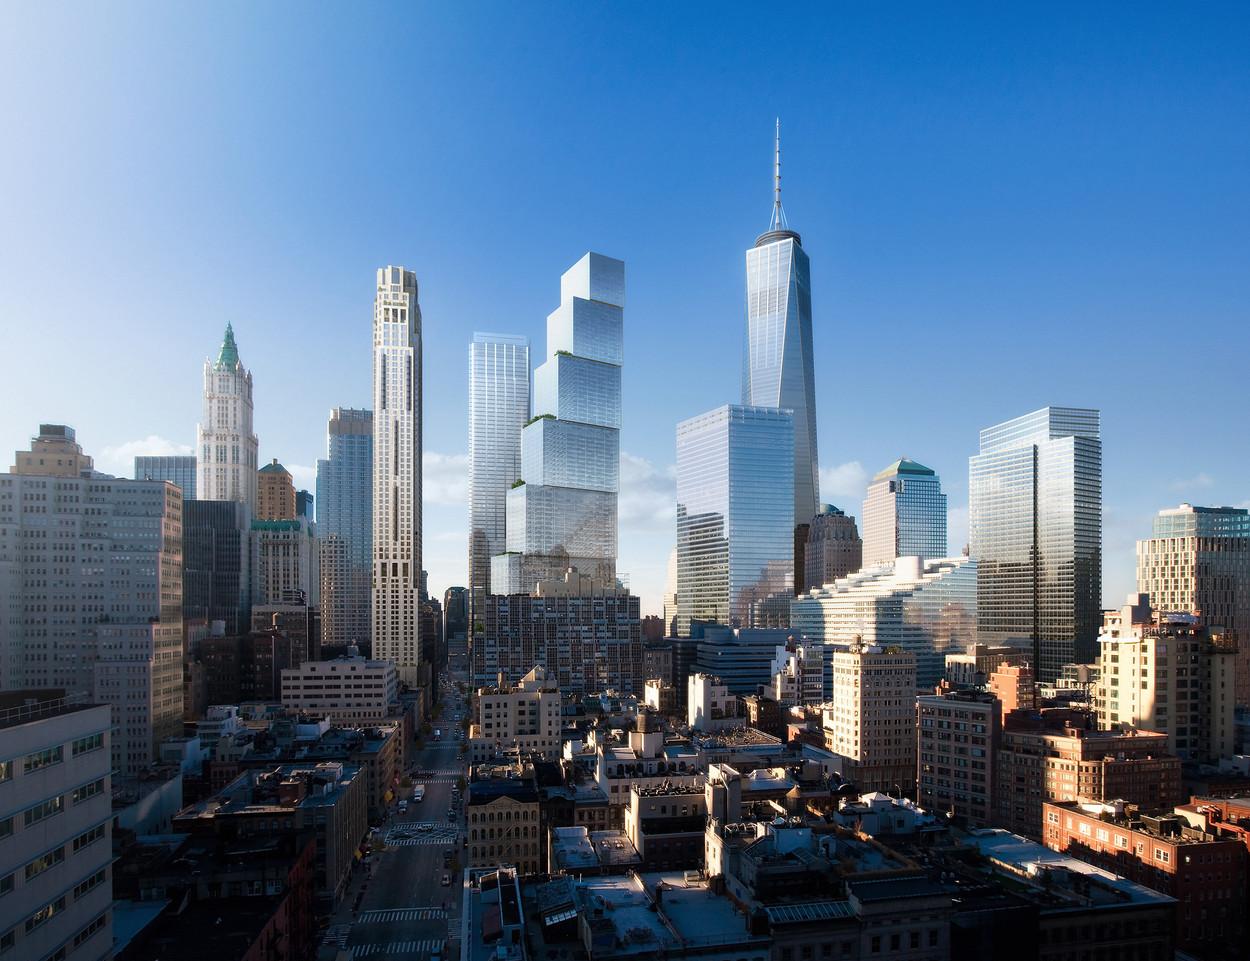 Die 10 höchsten unvollendeten Wolkenkratzer der Welt